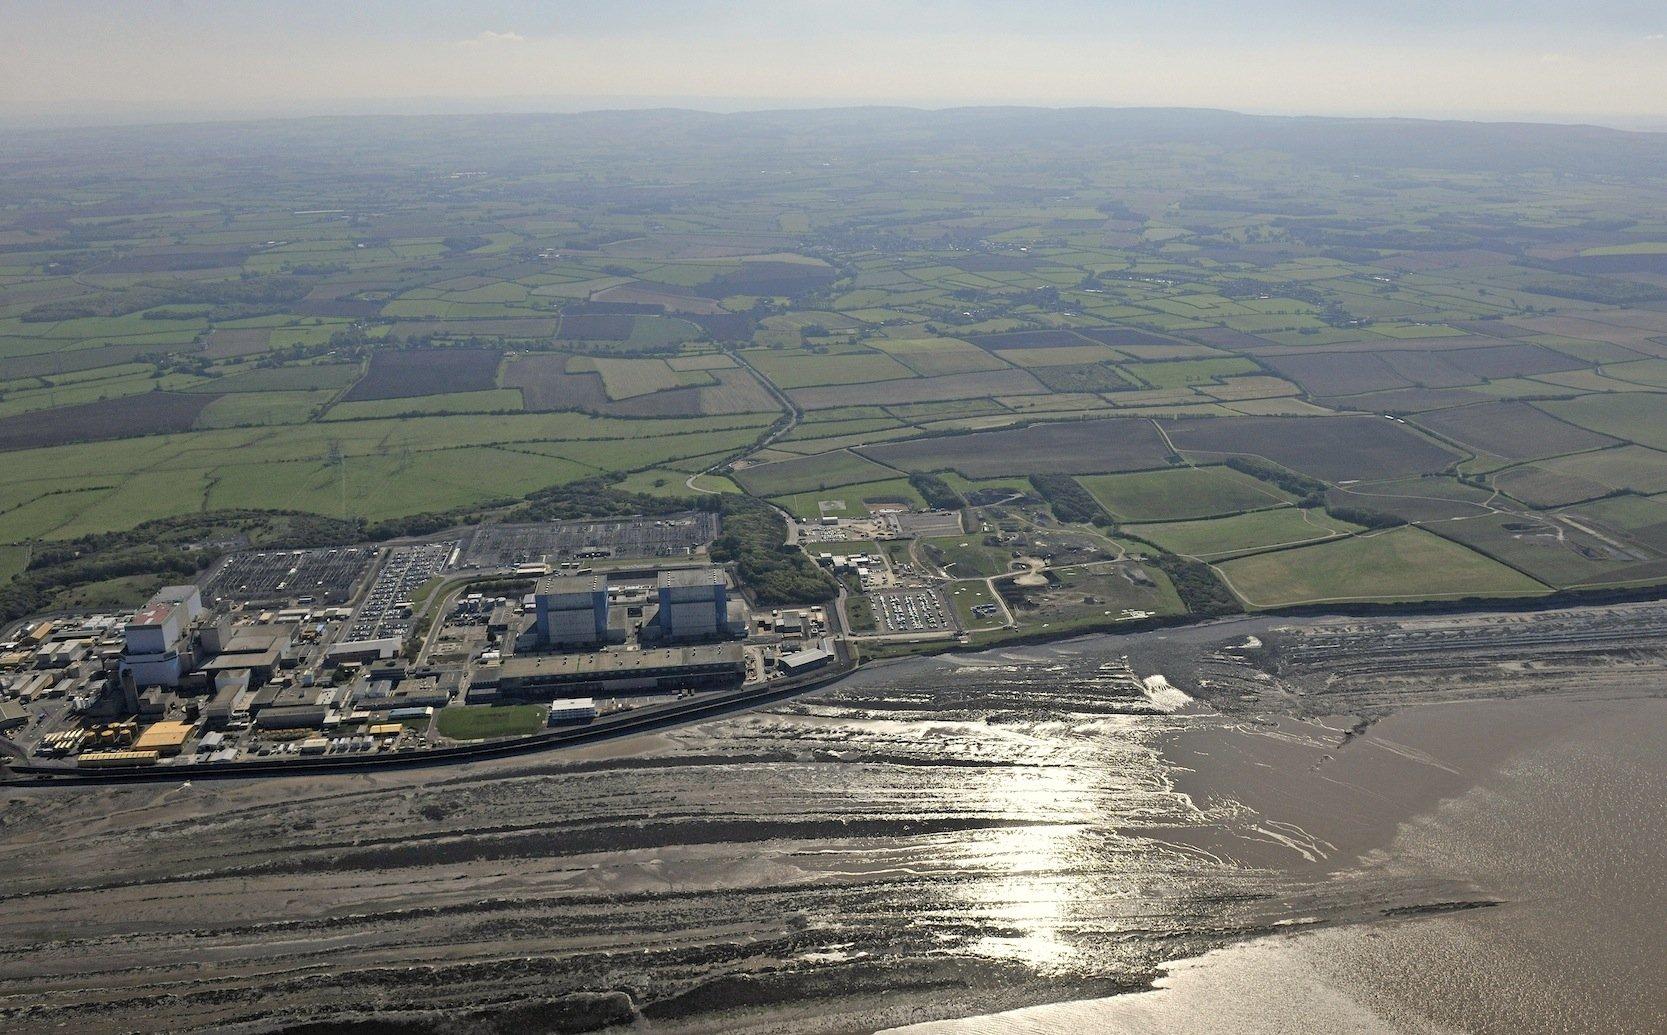 Luftbild von Hinkley Point aus dem Jahr 2011: Die neuen Reaktoren sollen die Kohlekraftwerke in Großbritannien ersetzen.